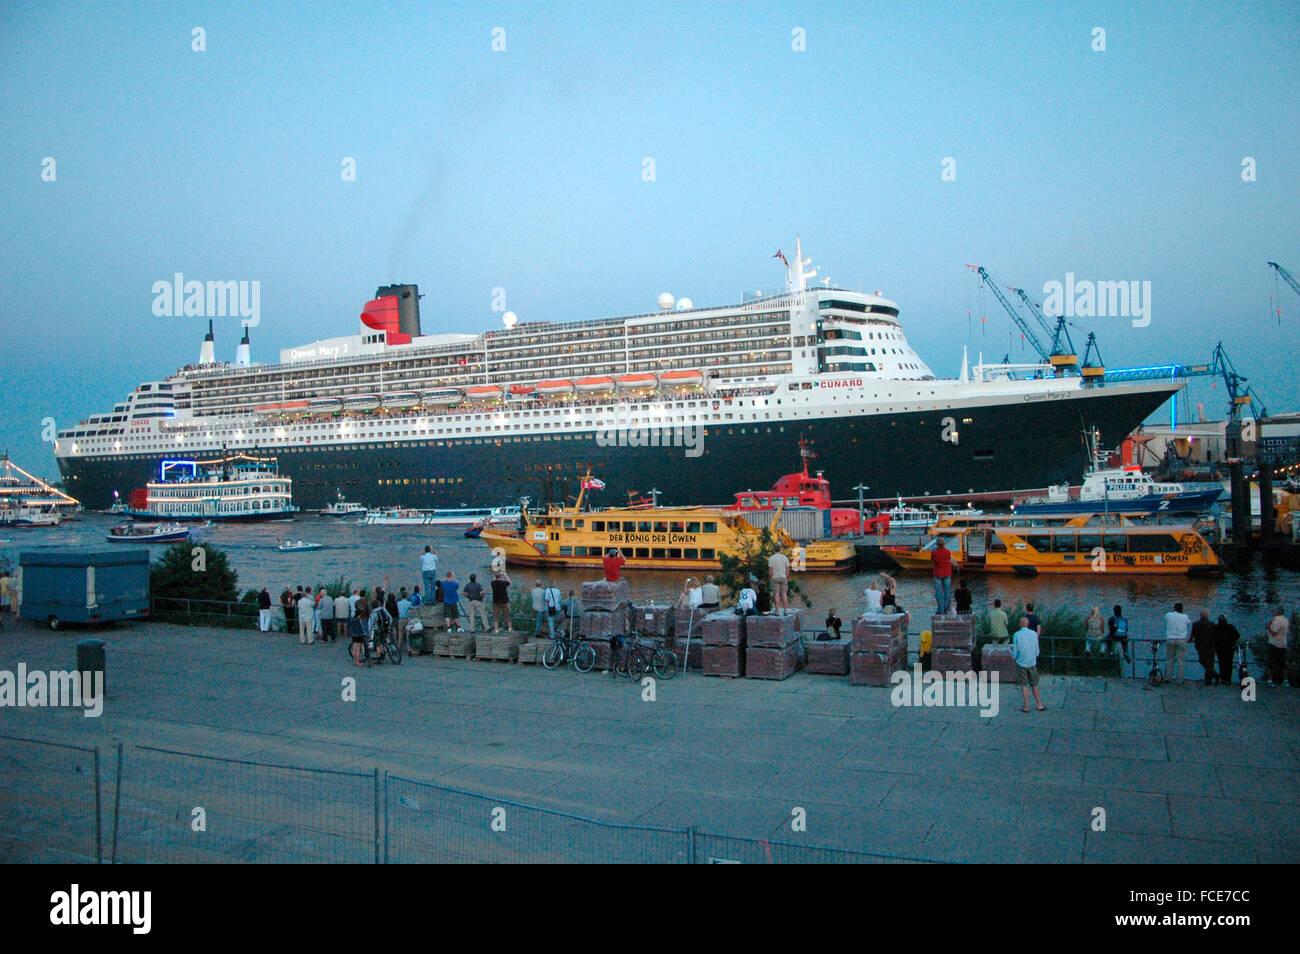 """16. Juli 2006 - HAMBURG: das Schiff, die """"Queen Mary 2"""" den Hafen von Hamburg, Deutschland verlässt. Stockbild"""